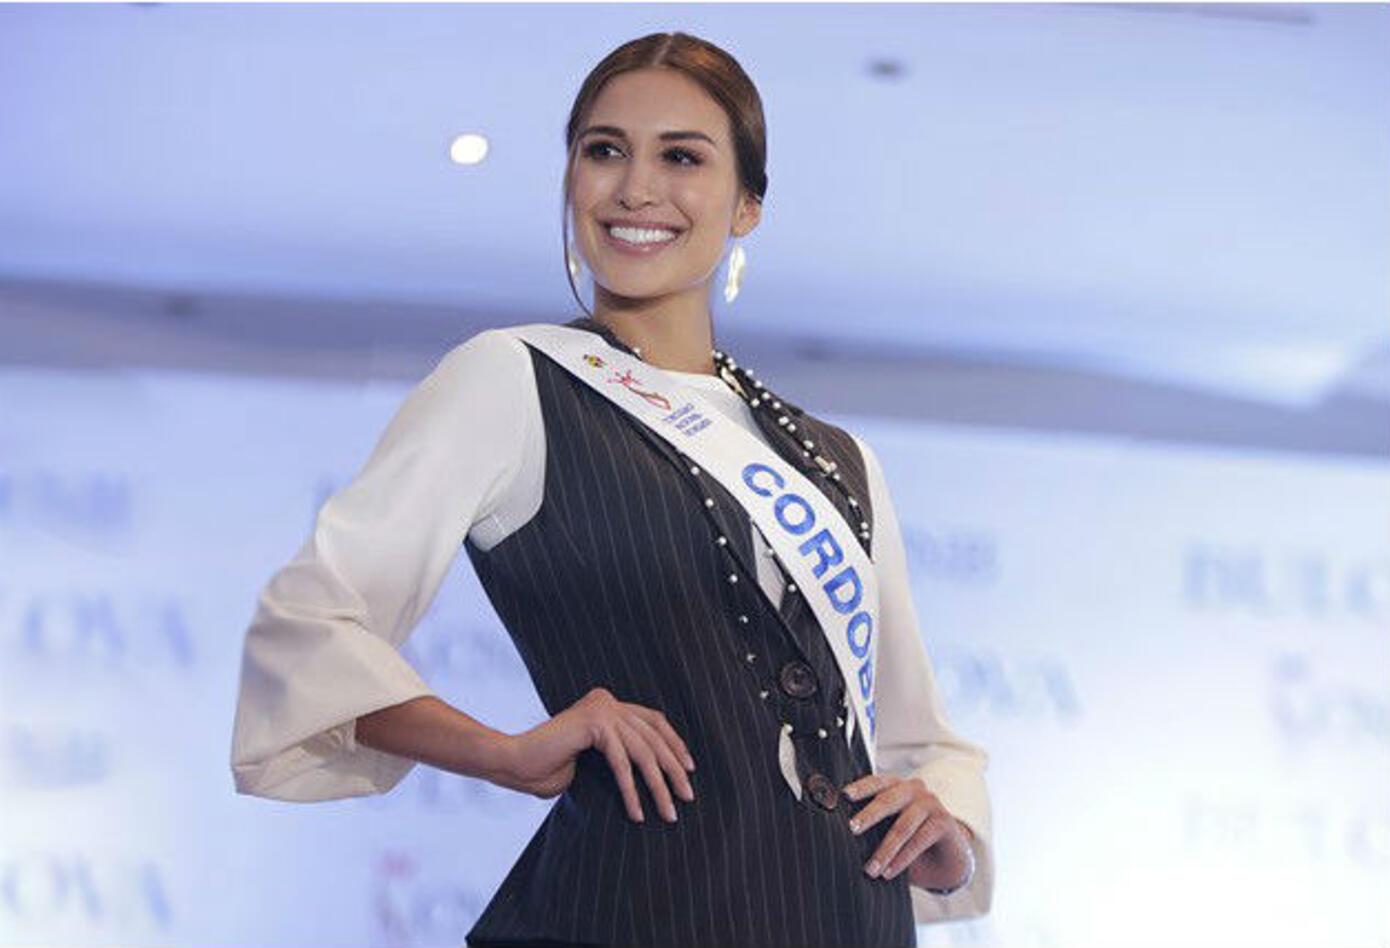 Saray Elena Robayo Bechara